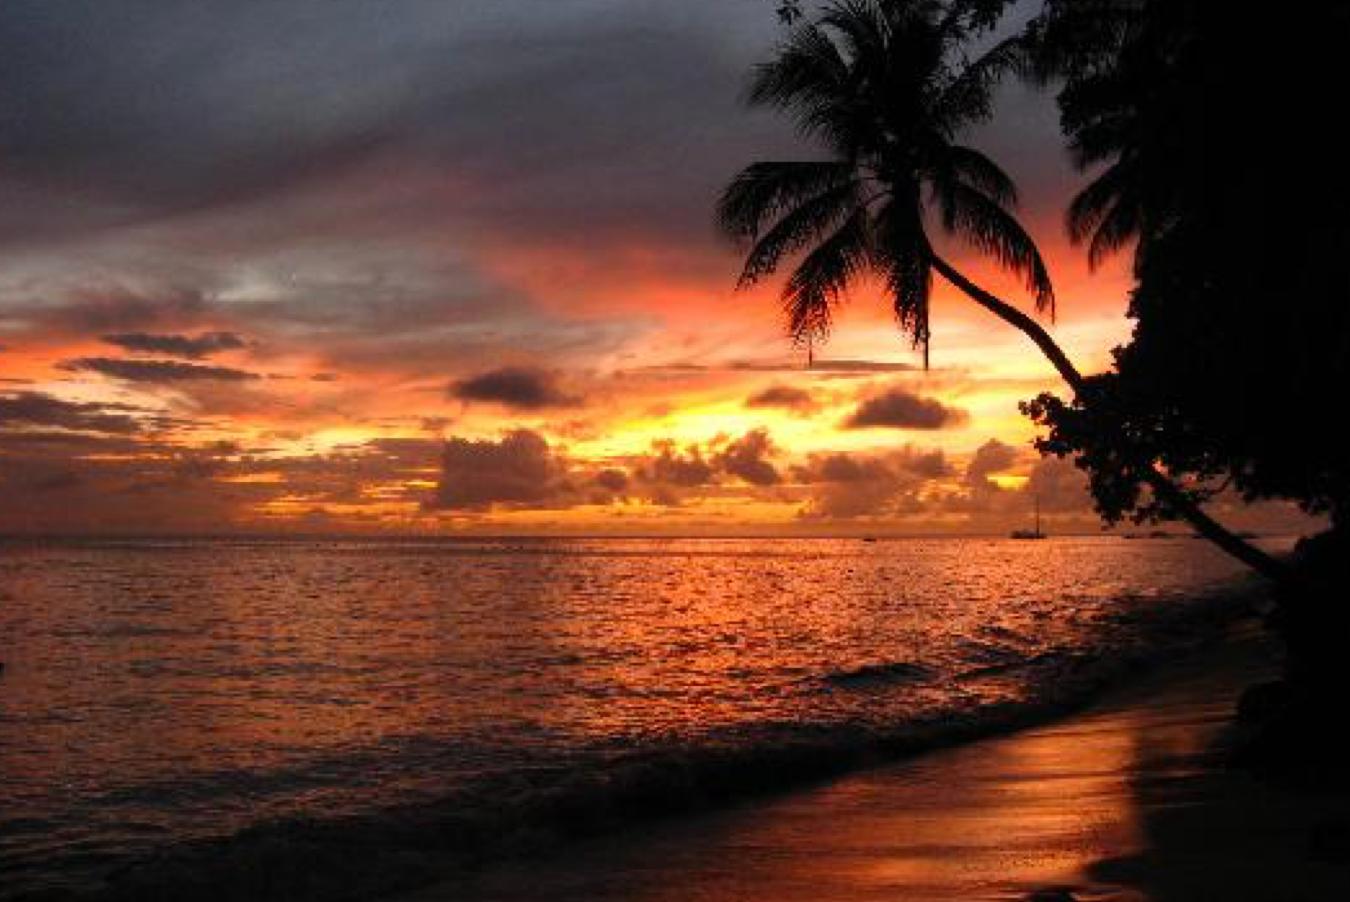 Sunset on the beachfront